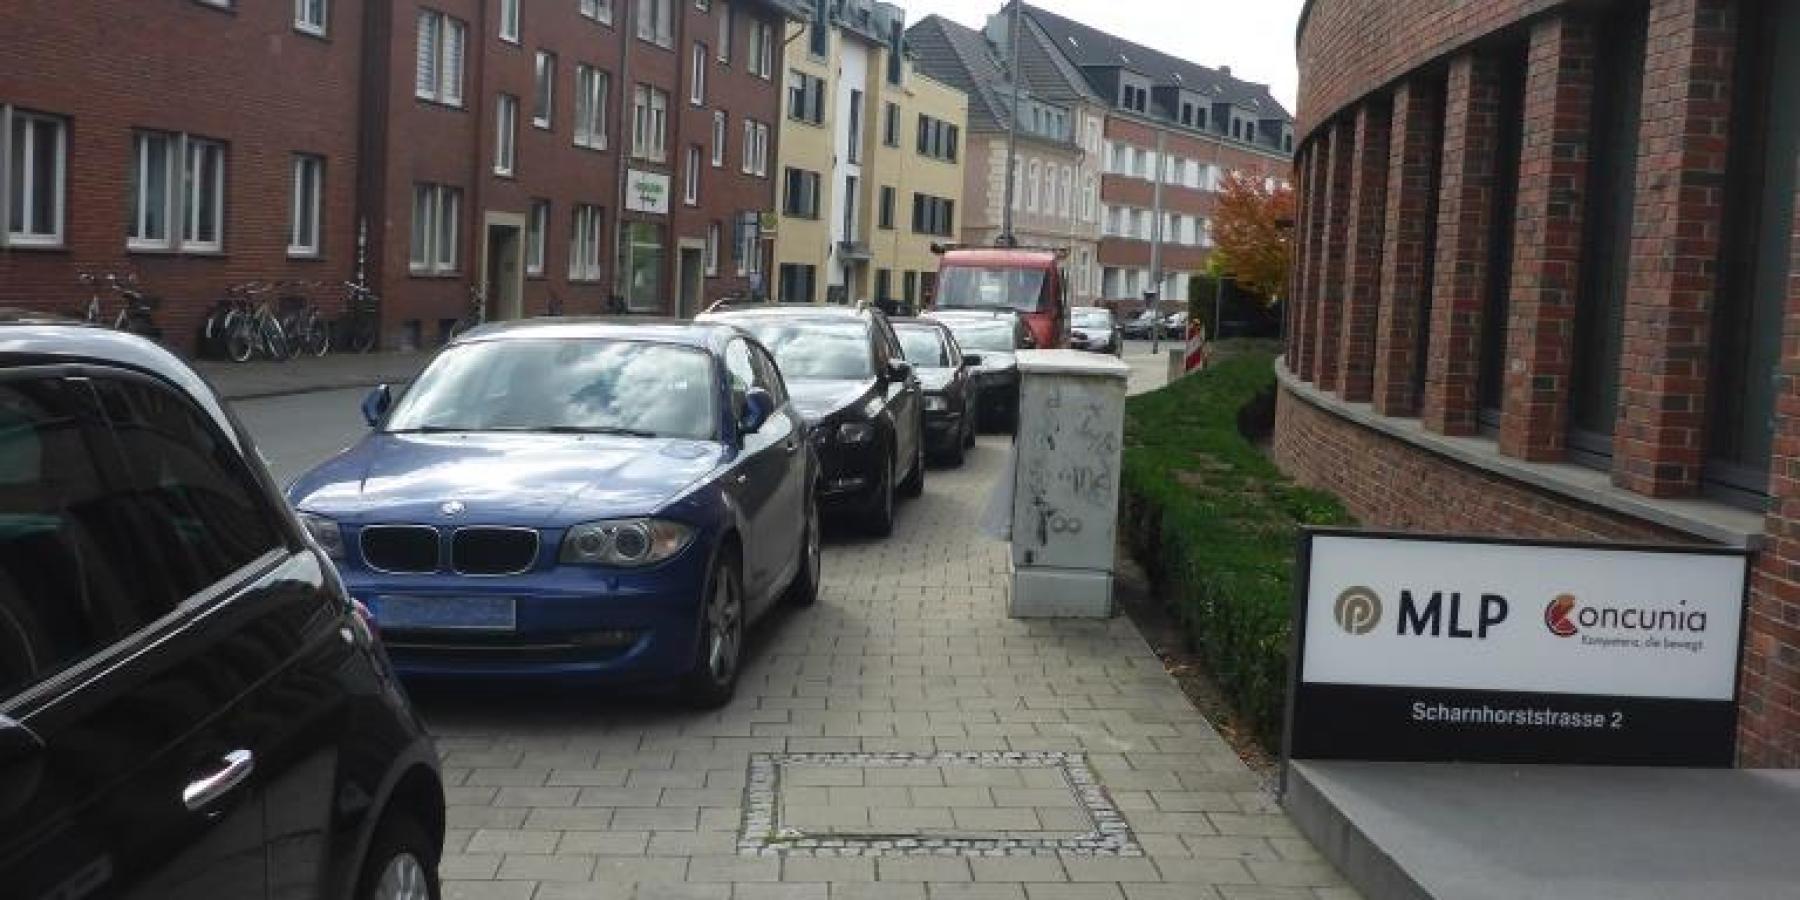 Scharnhorststraße: Pfosten halten Gehweg frei